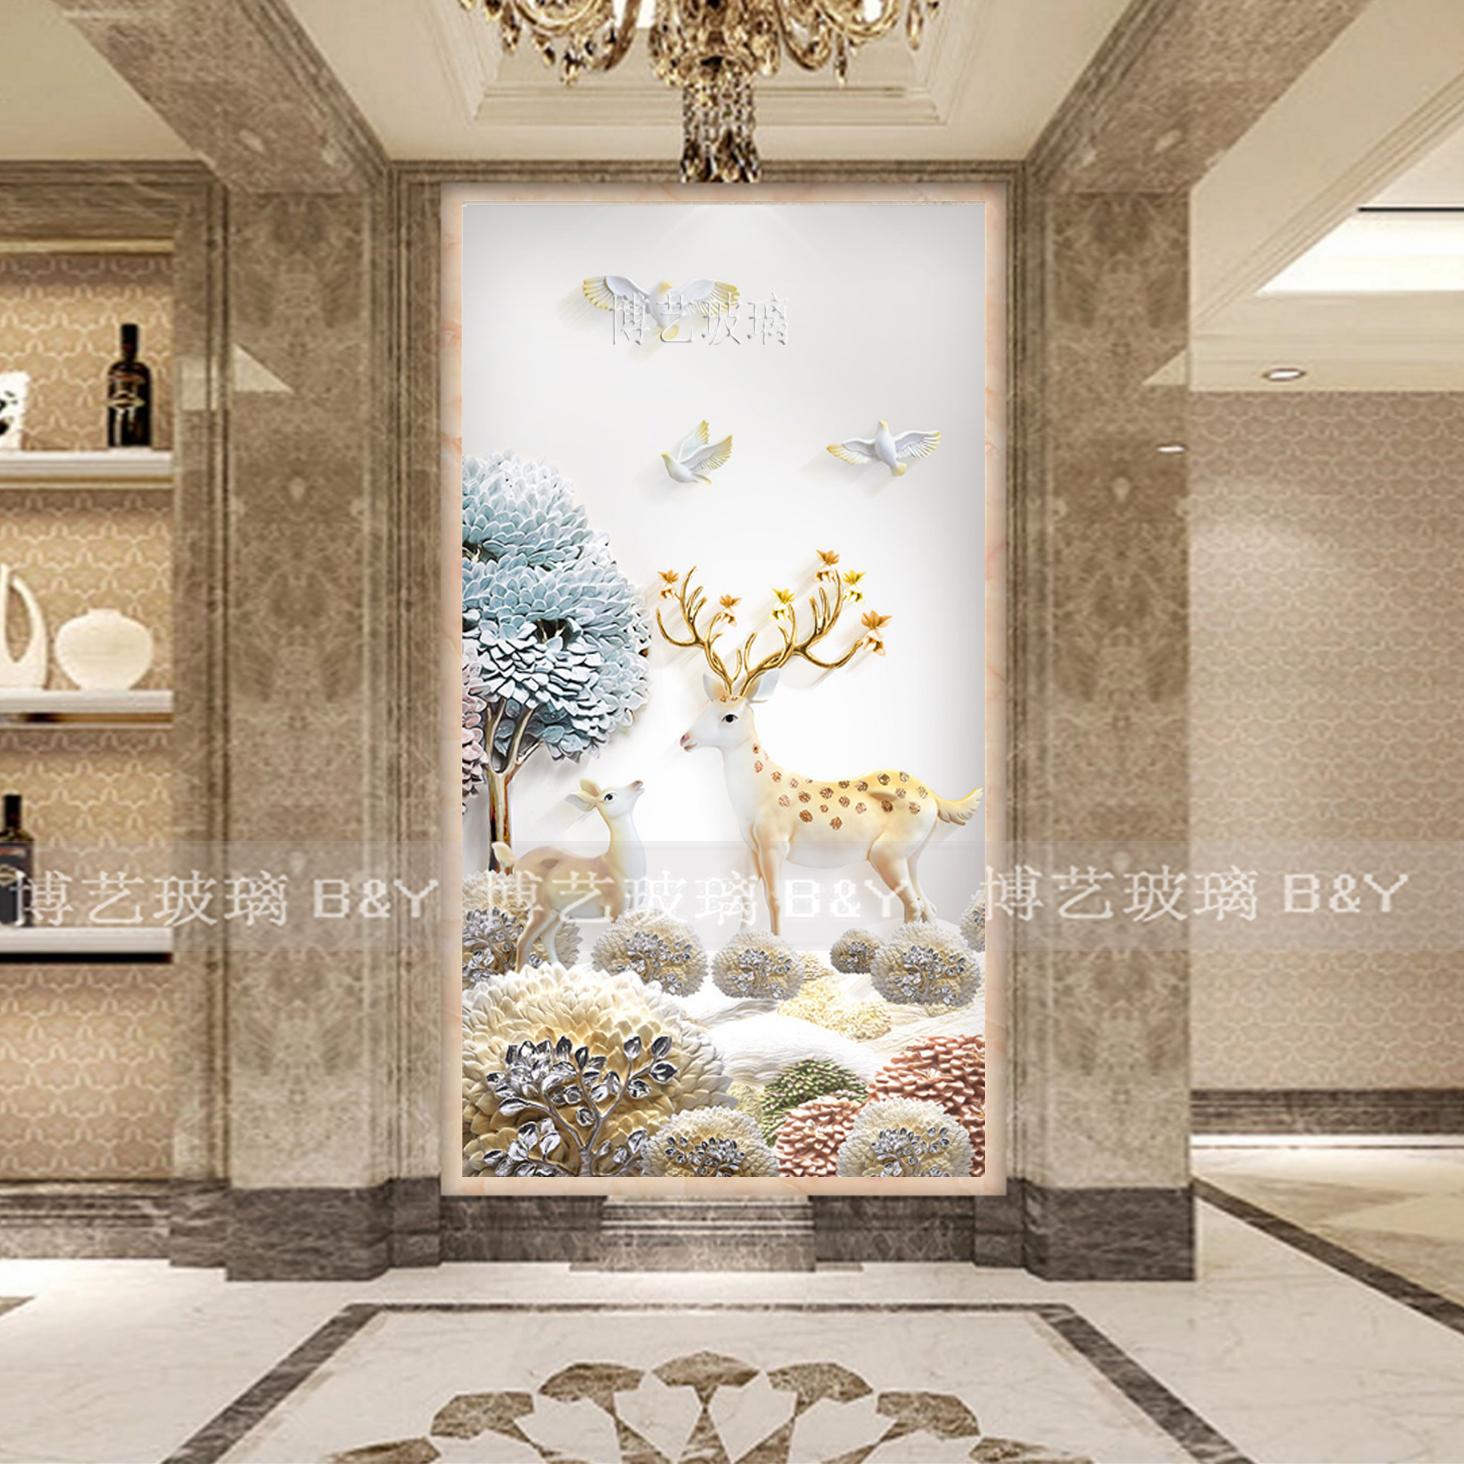 Художественное стекло Артикул 575883425460